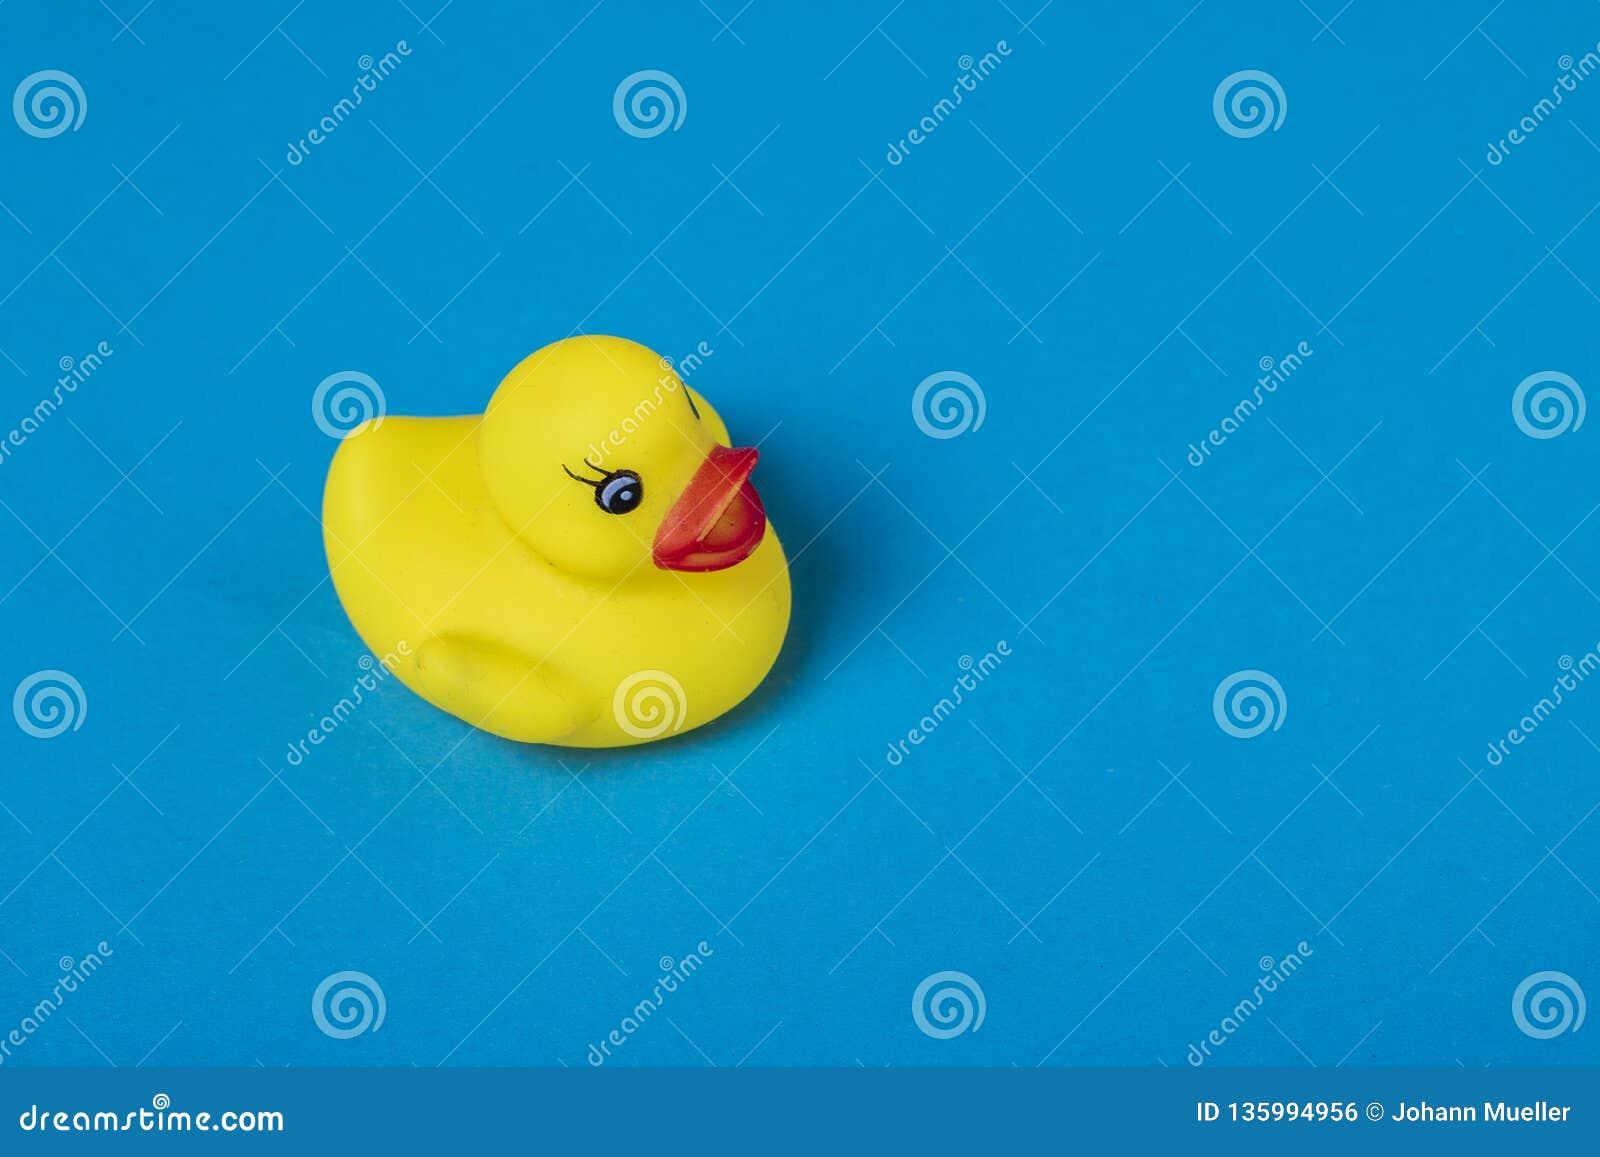 Canard en caoutchouc jaune sur le fond bleu